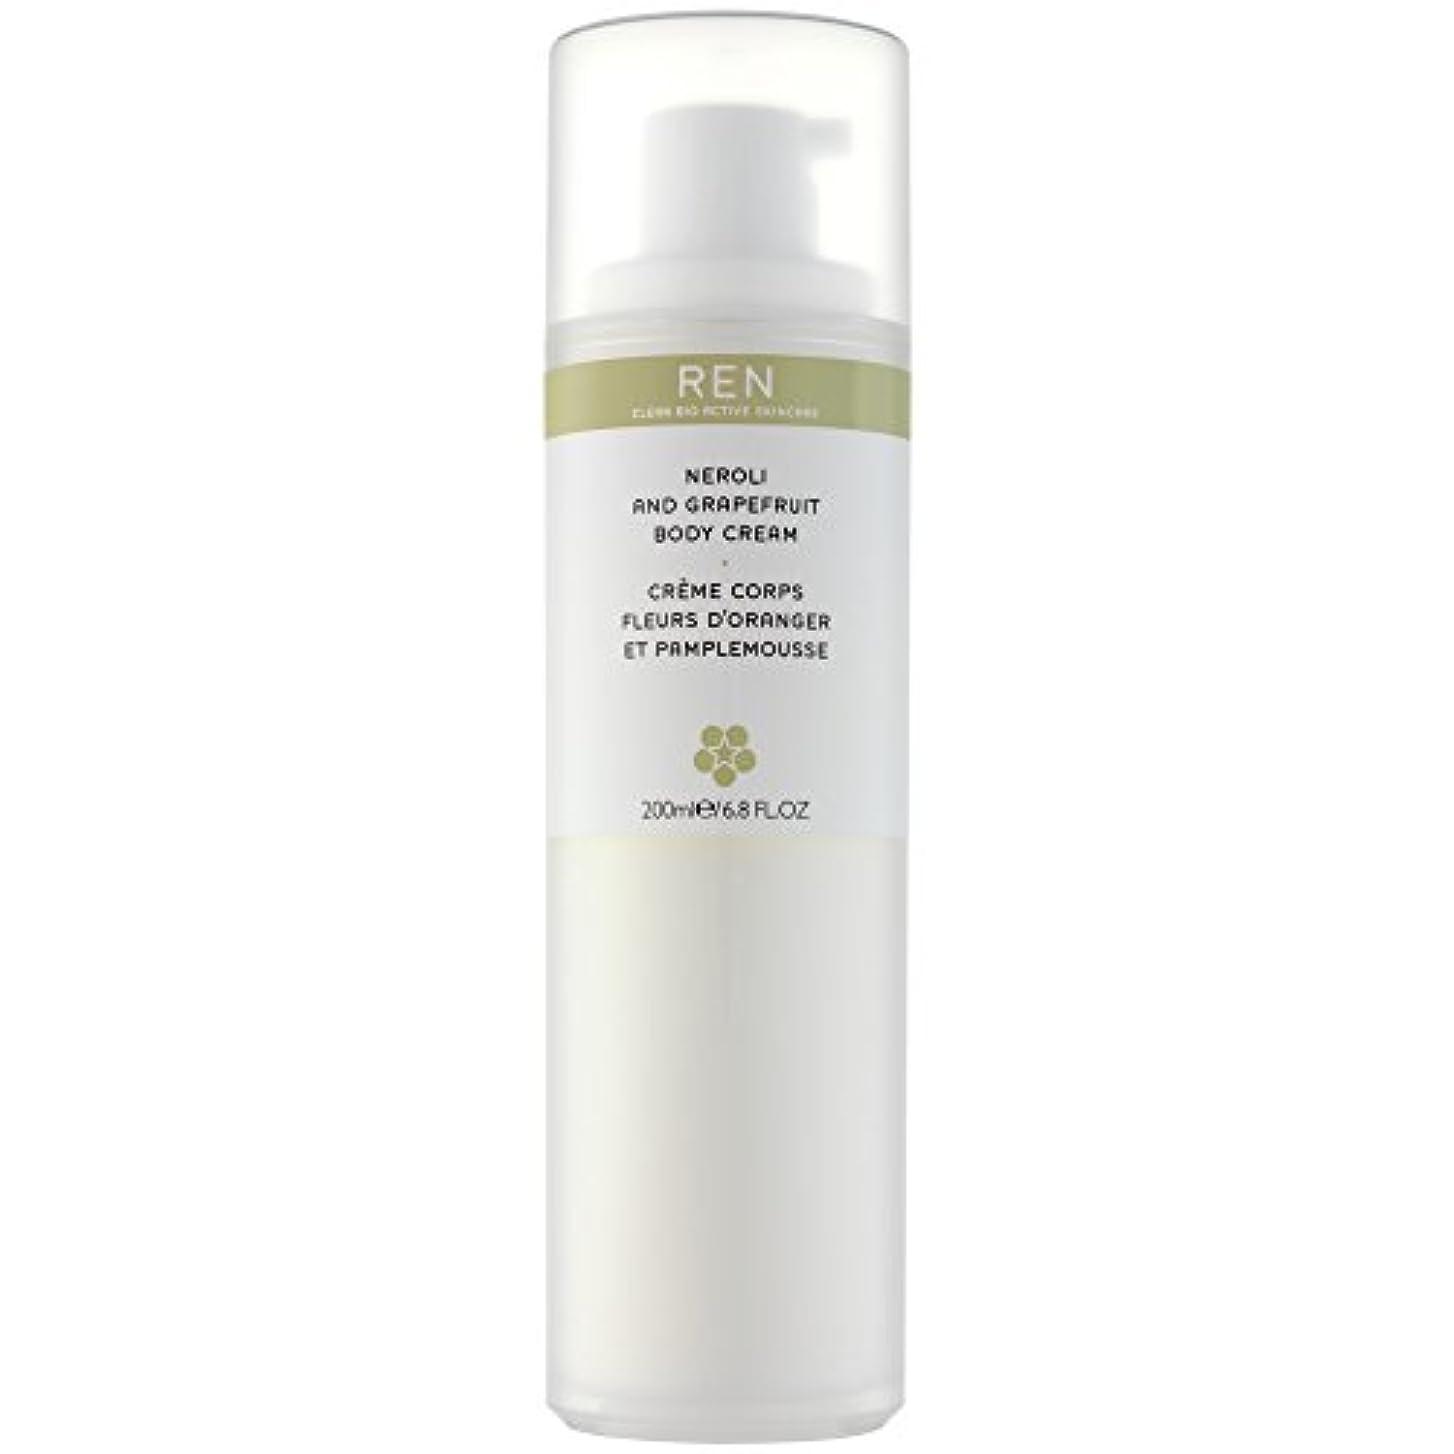 スロー厳密に全滅させるRenネロリとグレープフルーツボディクリーム200ミリリットル (REN) (x6) - REN Neroli and Grapefruit Body Cream 200ml (Pack of 6) [並行輸入品]